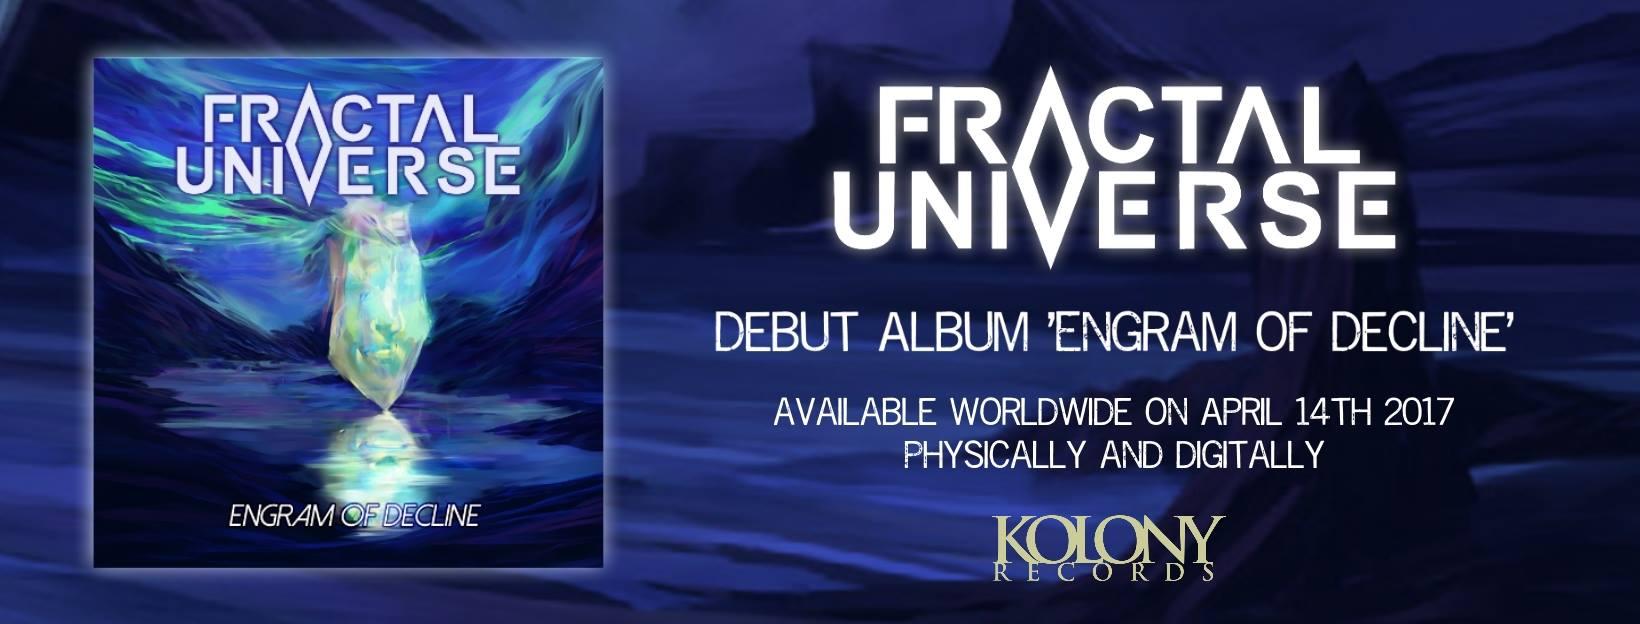 FRACTAL UNIVERSE Sons of Ignorance (2017) Nouveau clip Progressive/Technical Death Metal 16422310